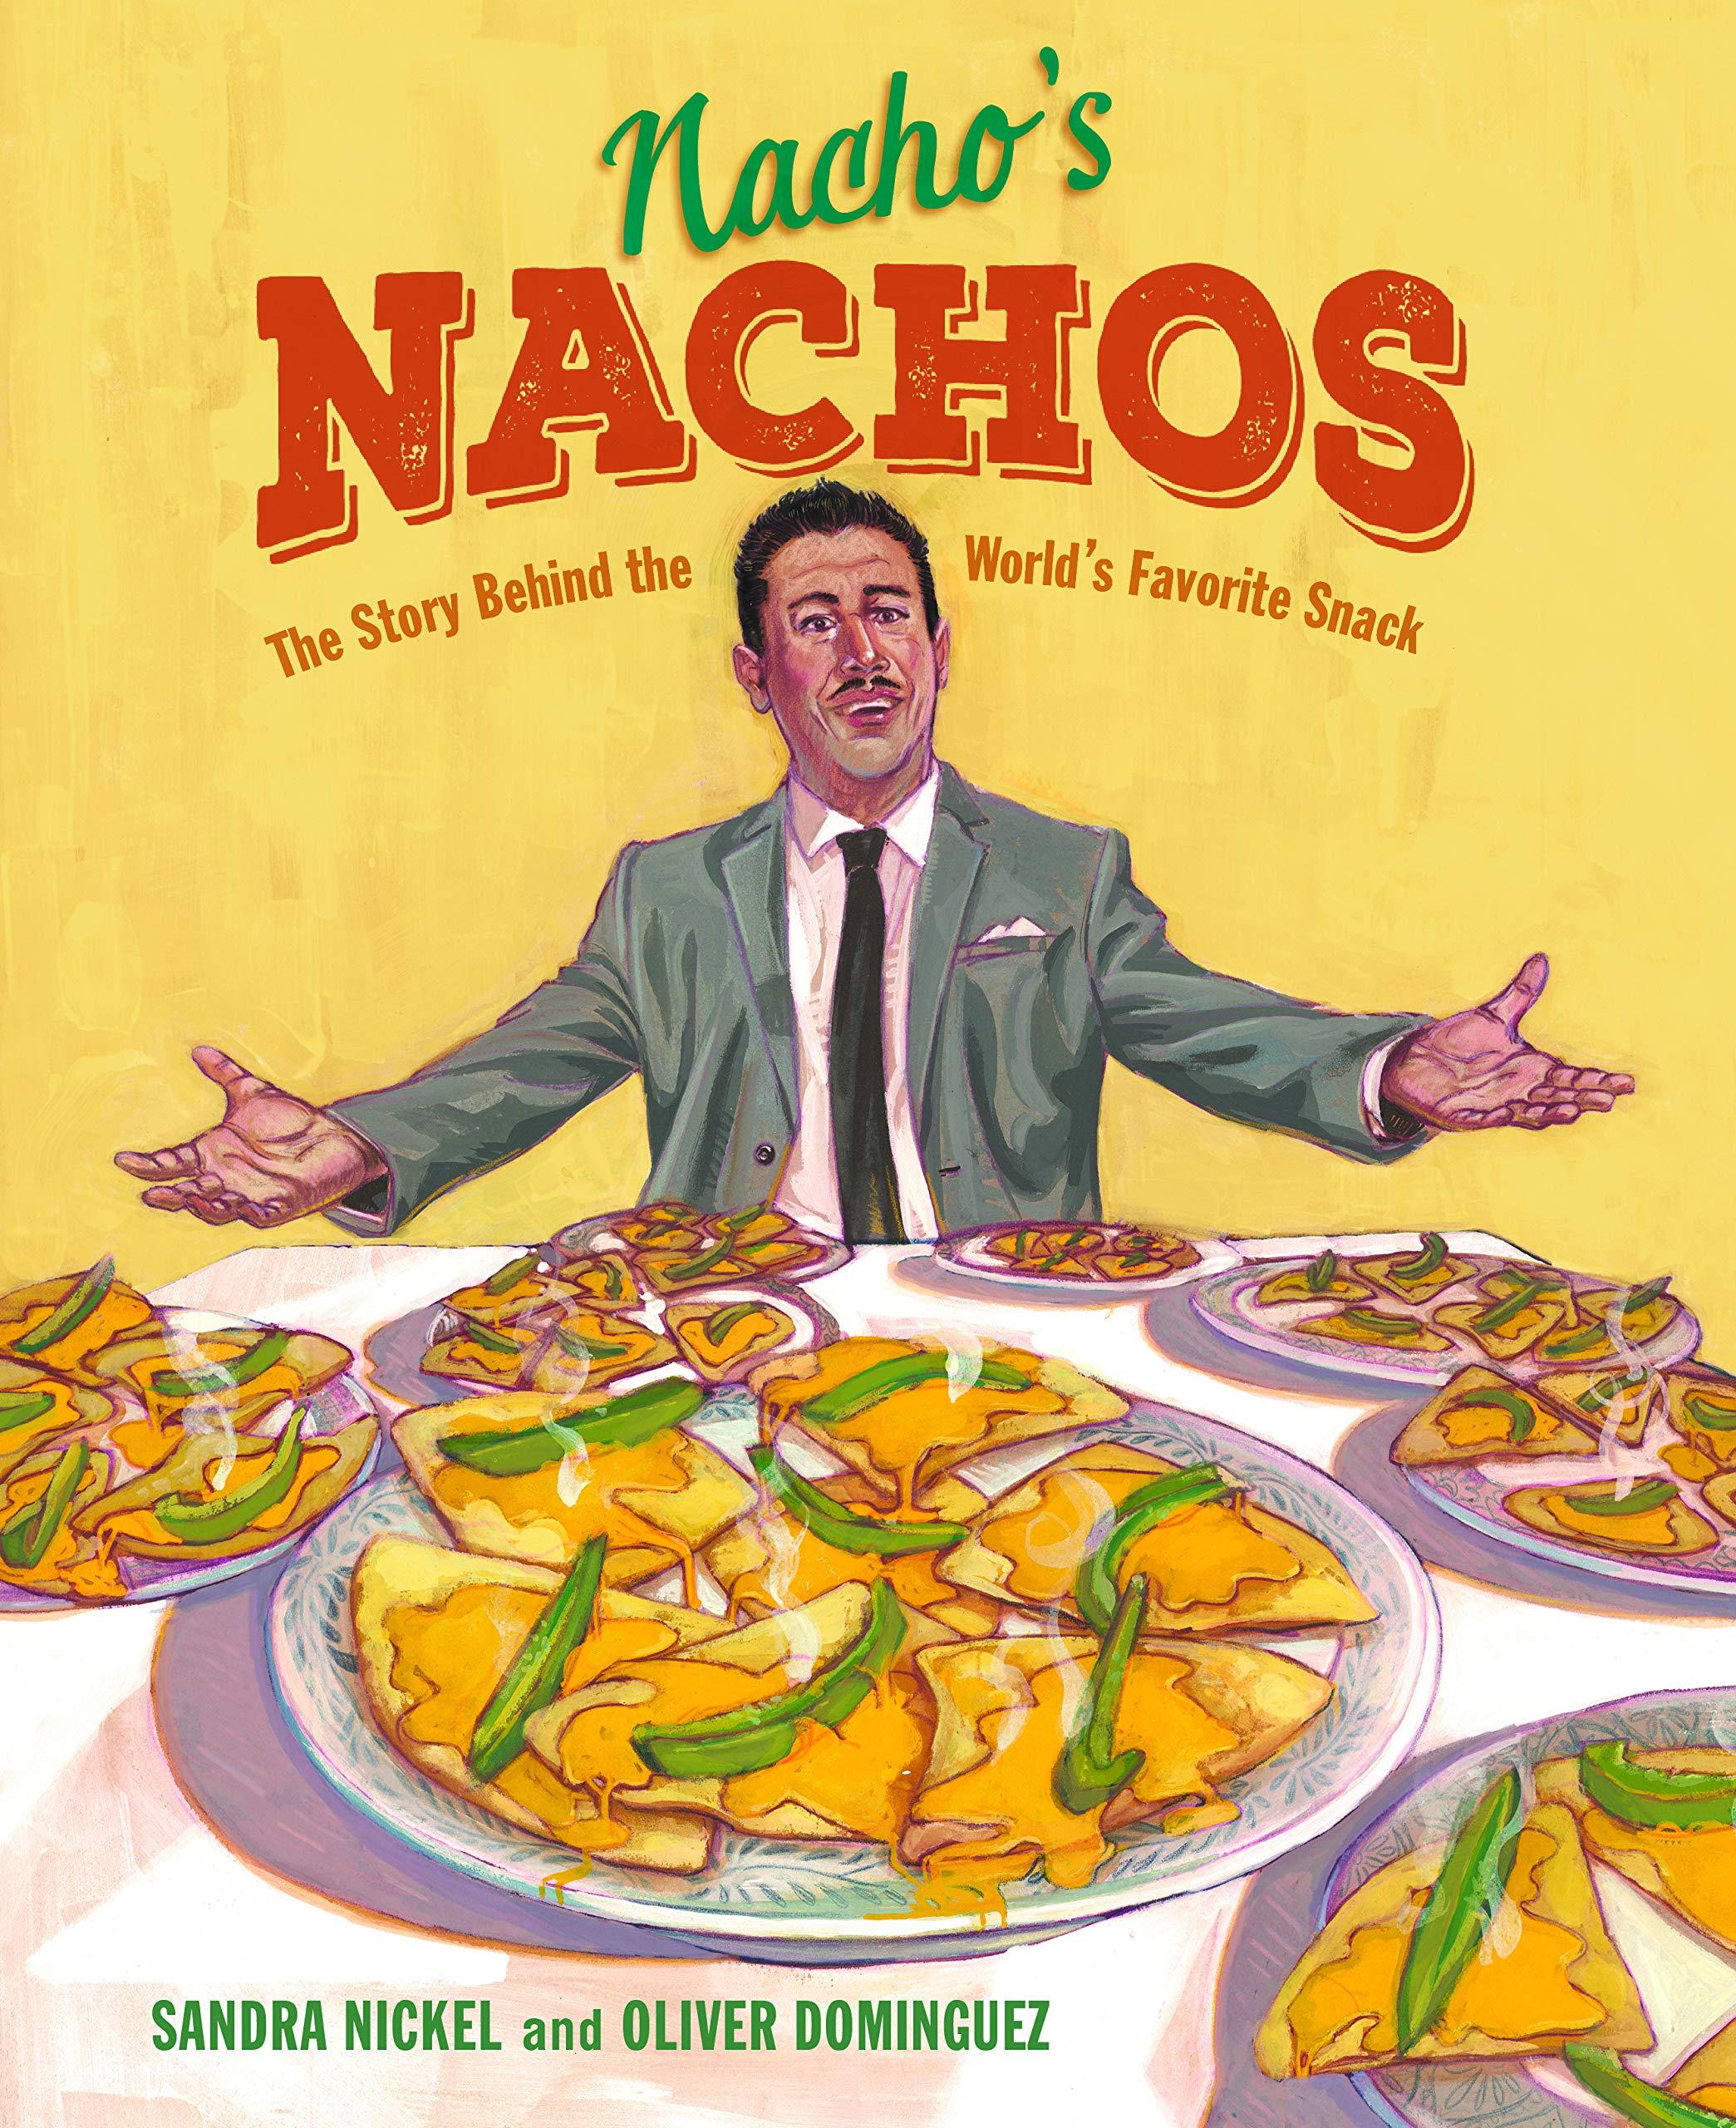 celebrate-picture-books-picture-book-review-nacho's-nachos-cover